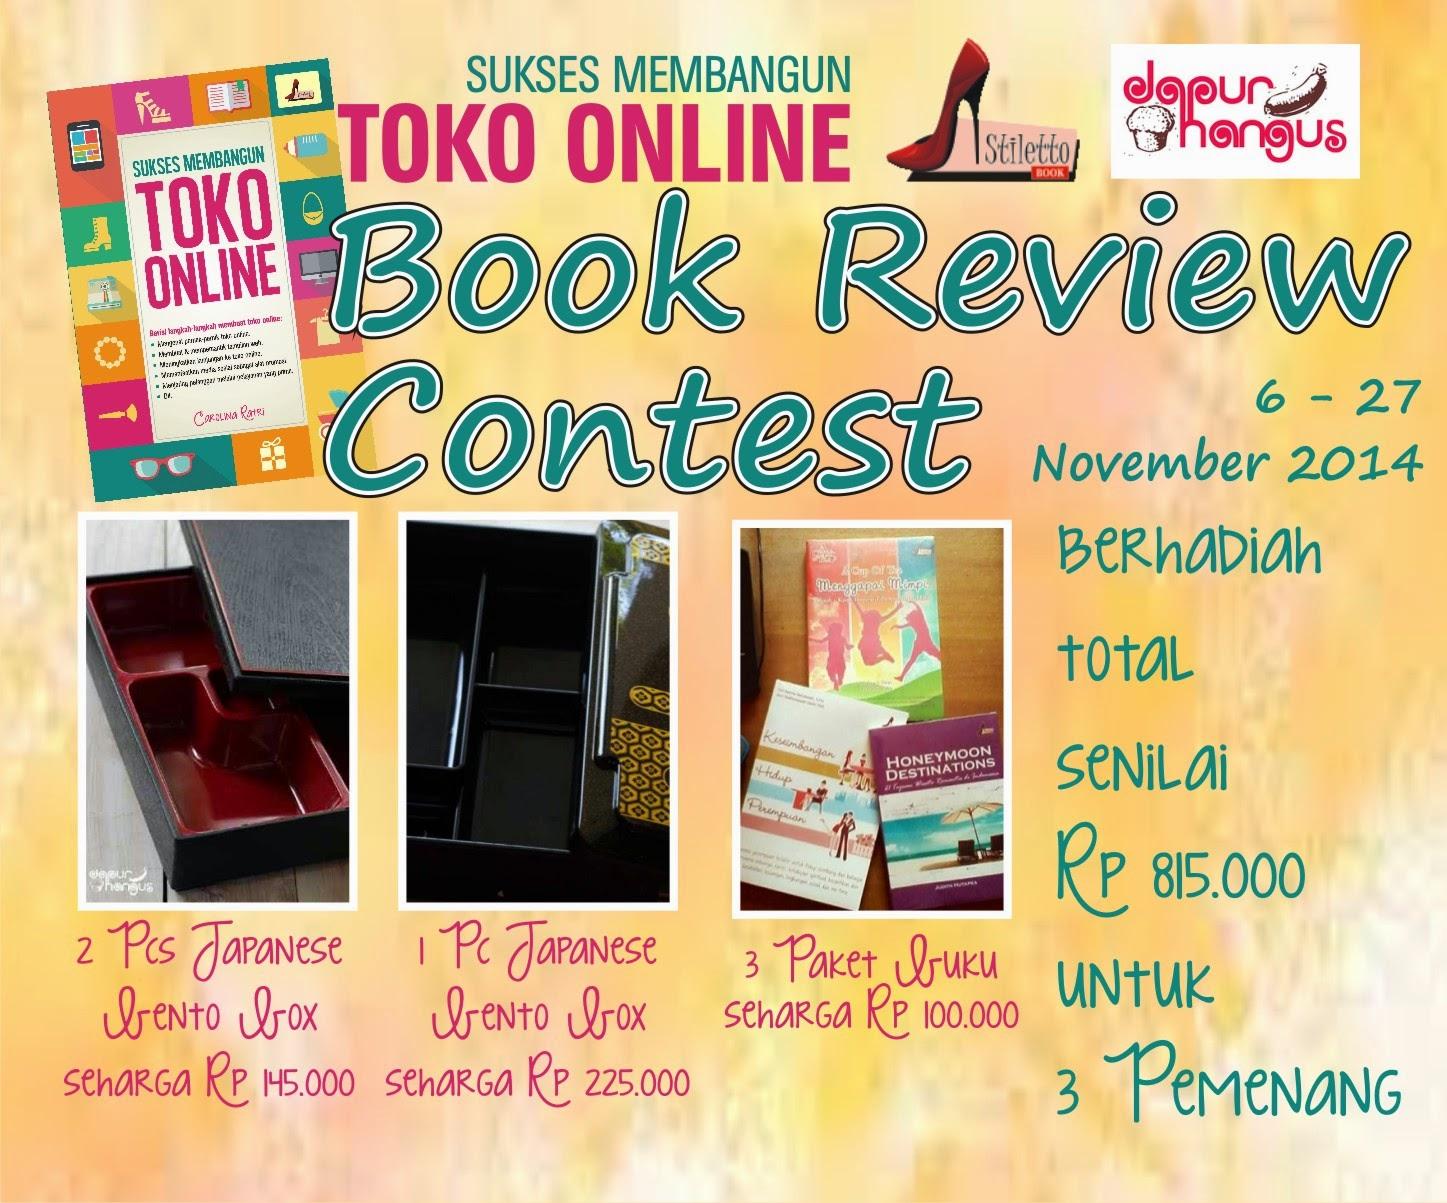 http://www.redcarra.com/sukses-membangun-toko-online-book-review-contest/